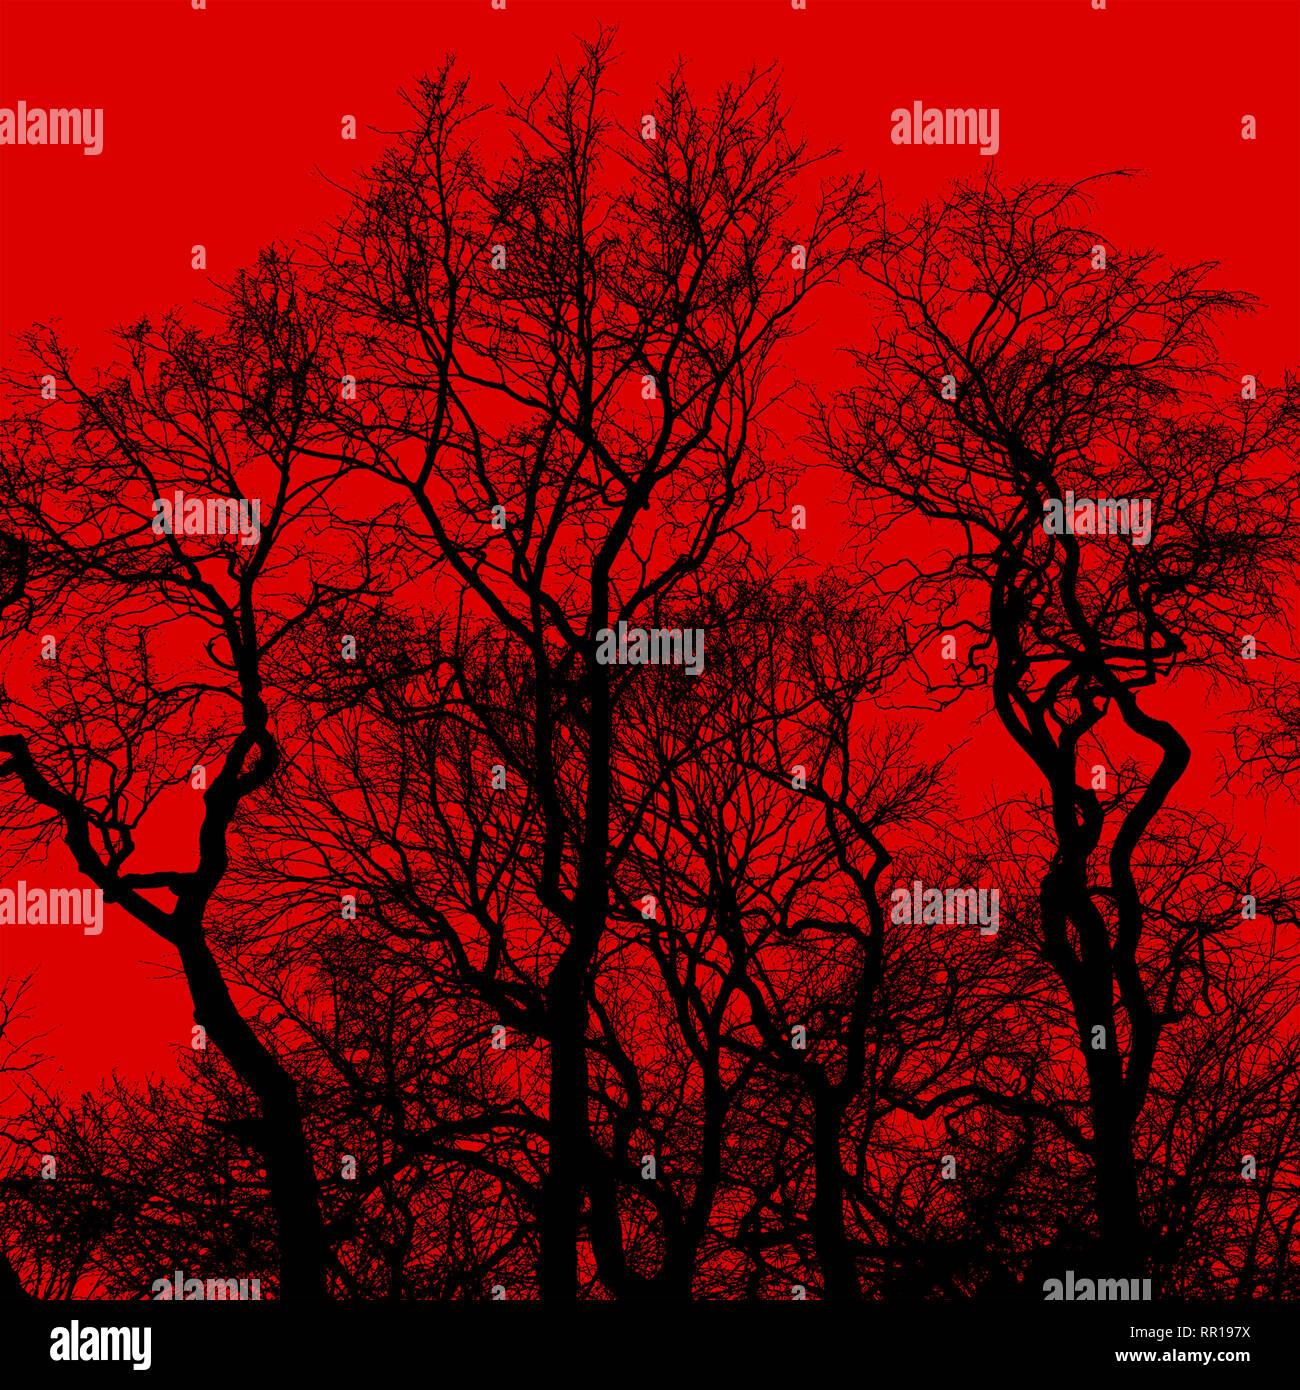 Silueta de bare árboles con ramas entrelazadas contra el fondo rojo brillante Imagen De Stock